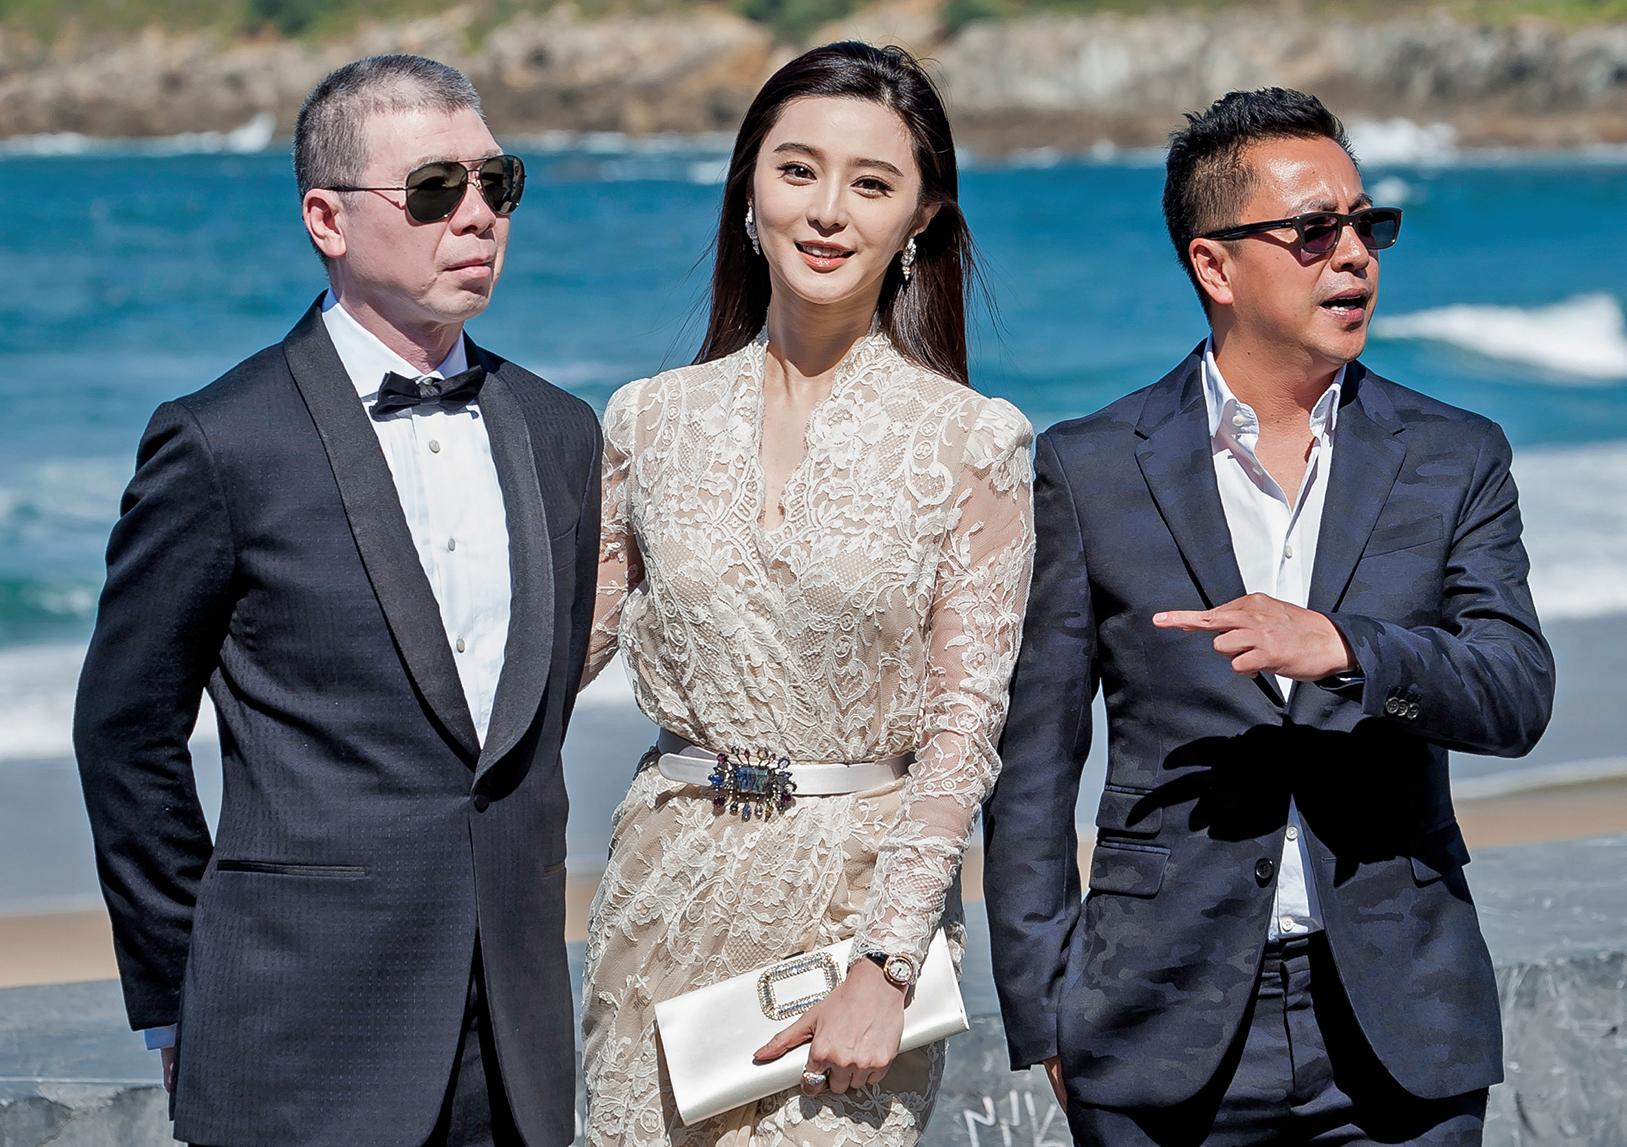 2016年9月,華誼兄弟掌門人王中磊(右)與導演馮小剛(左)、影星范冰冰(中)到西班牙參加第64屆聖塞瓦斯蒂安國際電影節。(AFP)